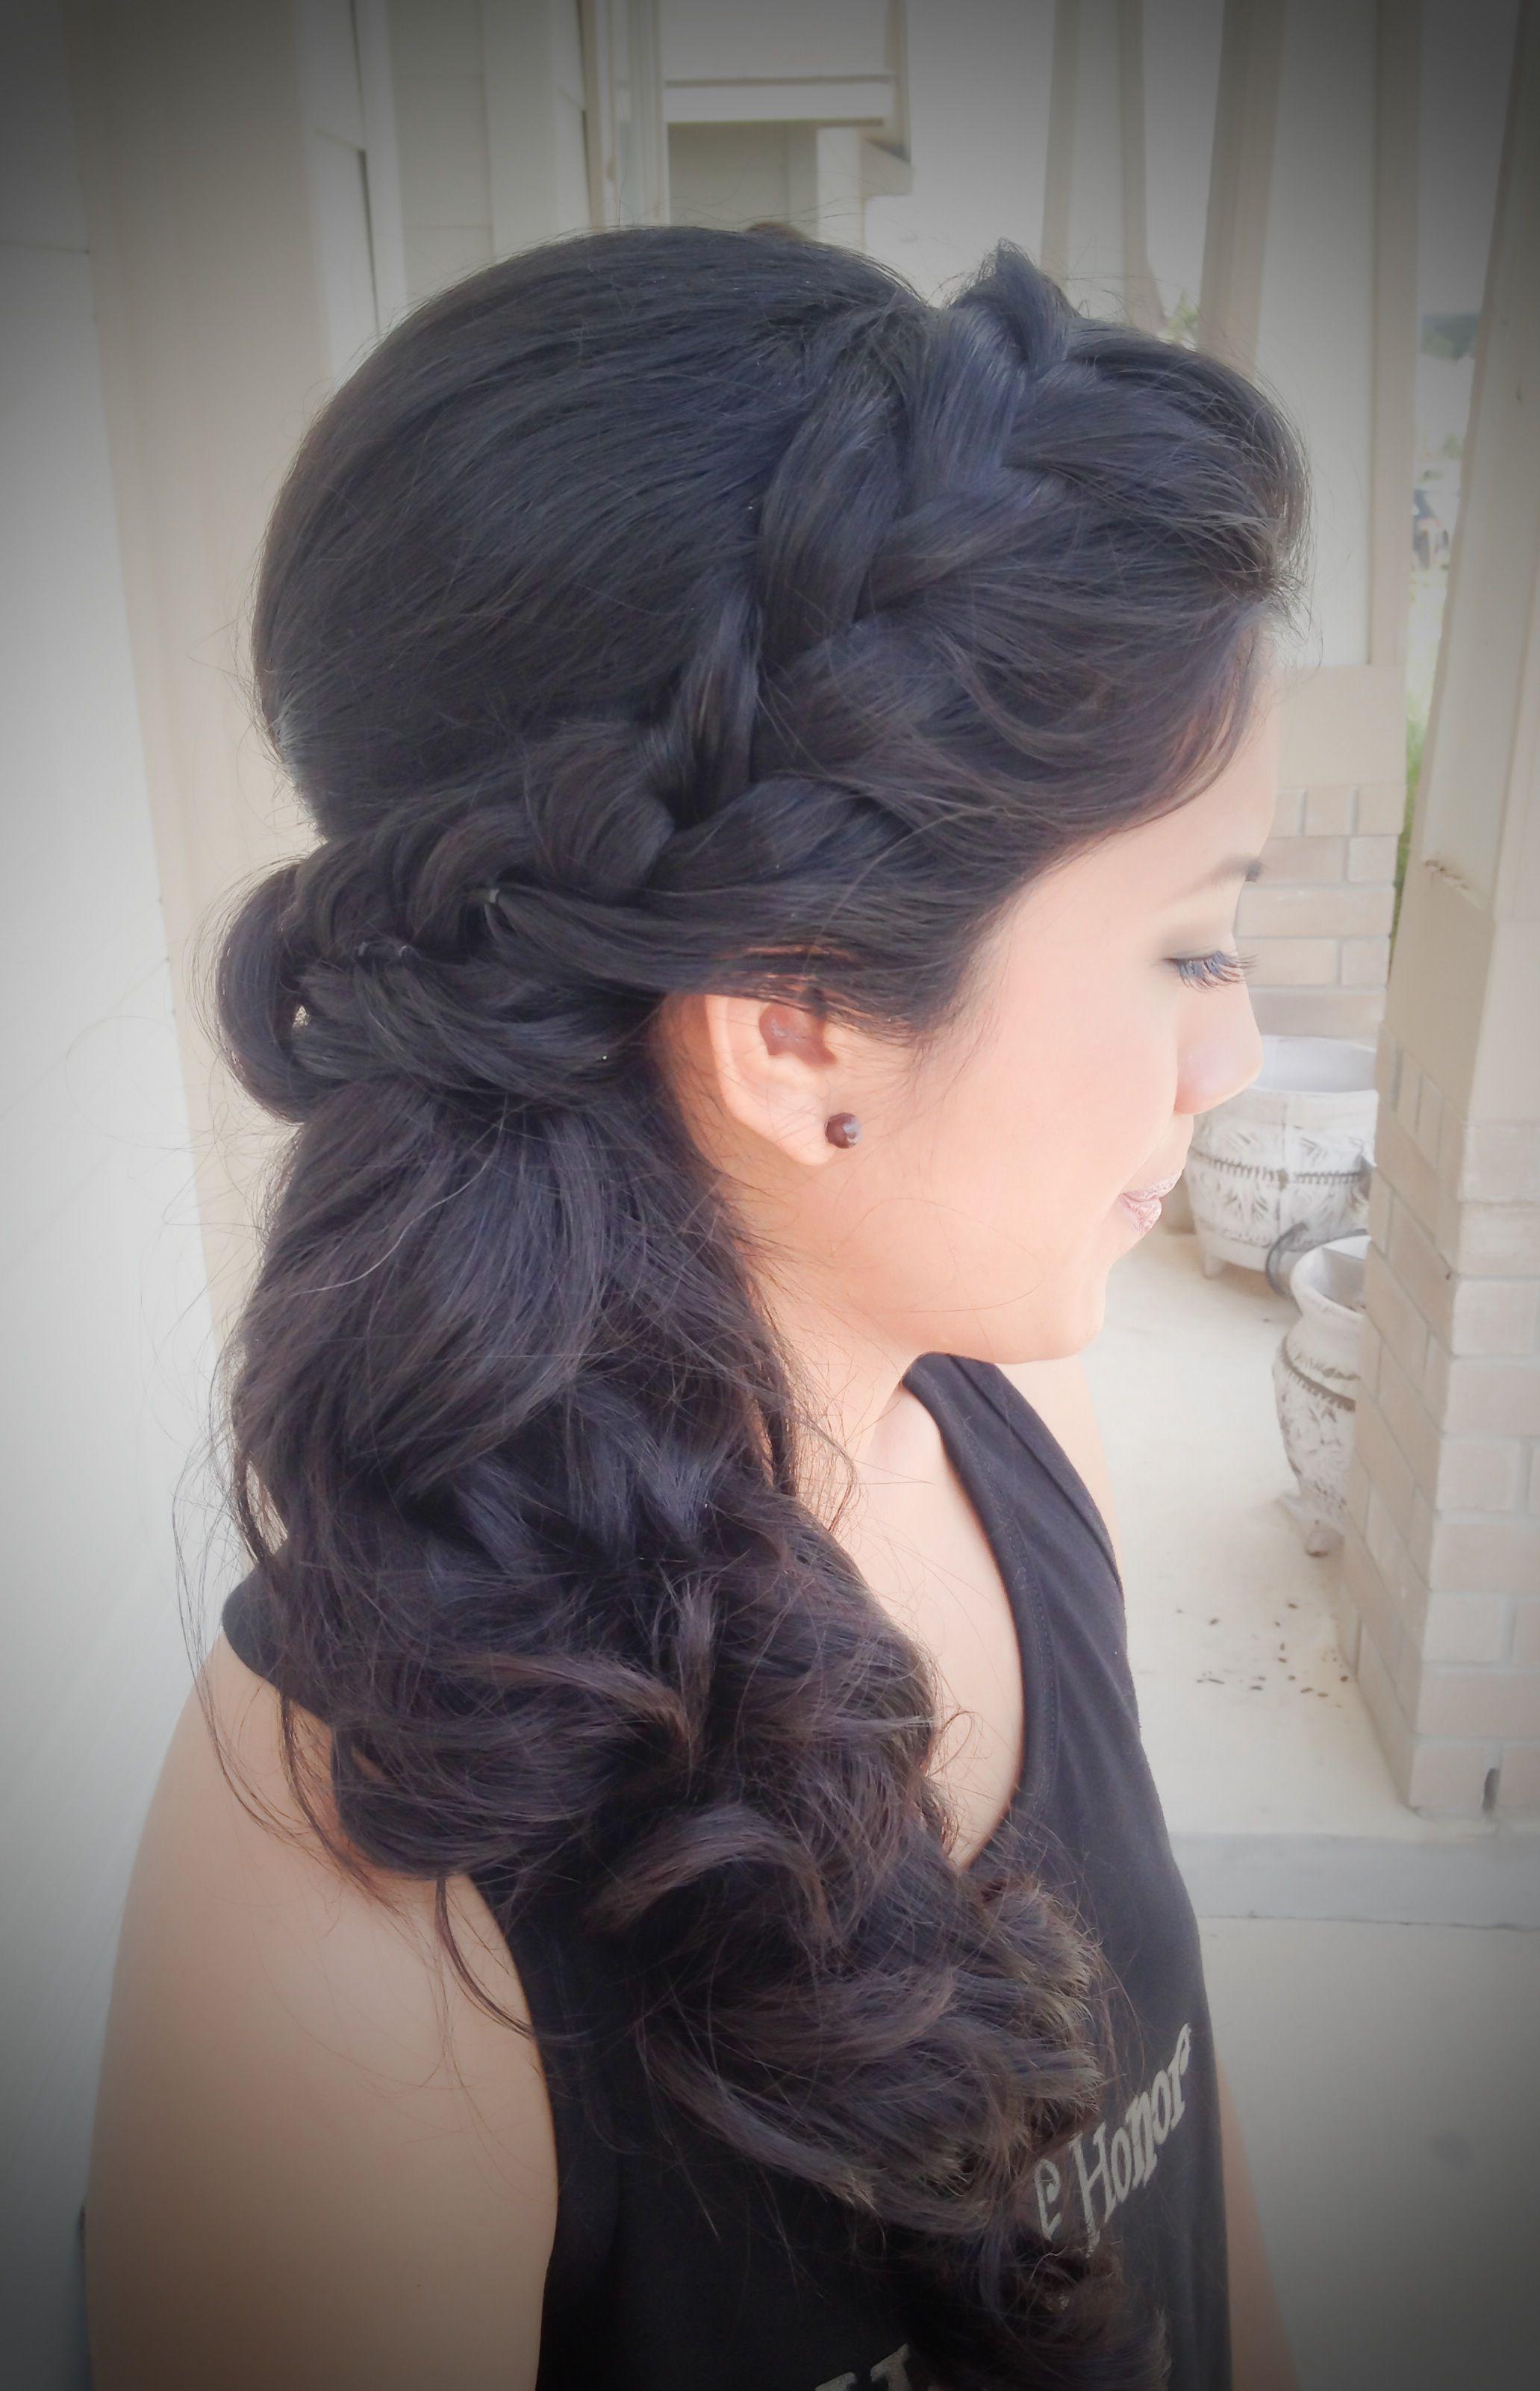 san antonio, tx. wedding hair; side braid; side ponytail www